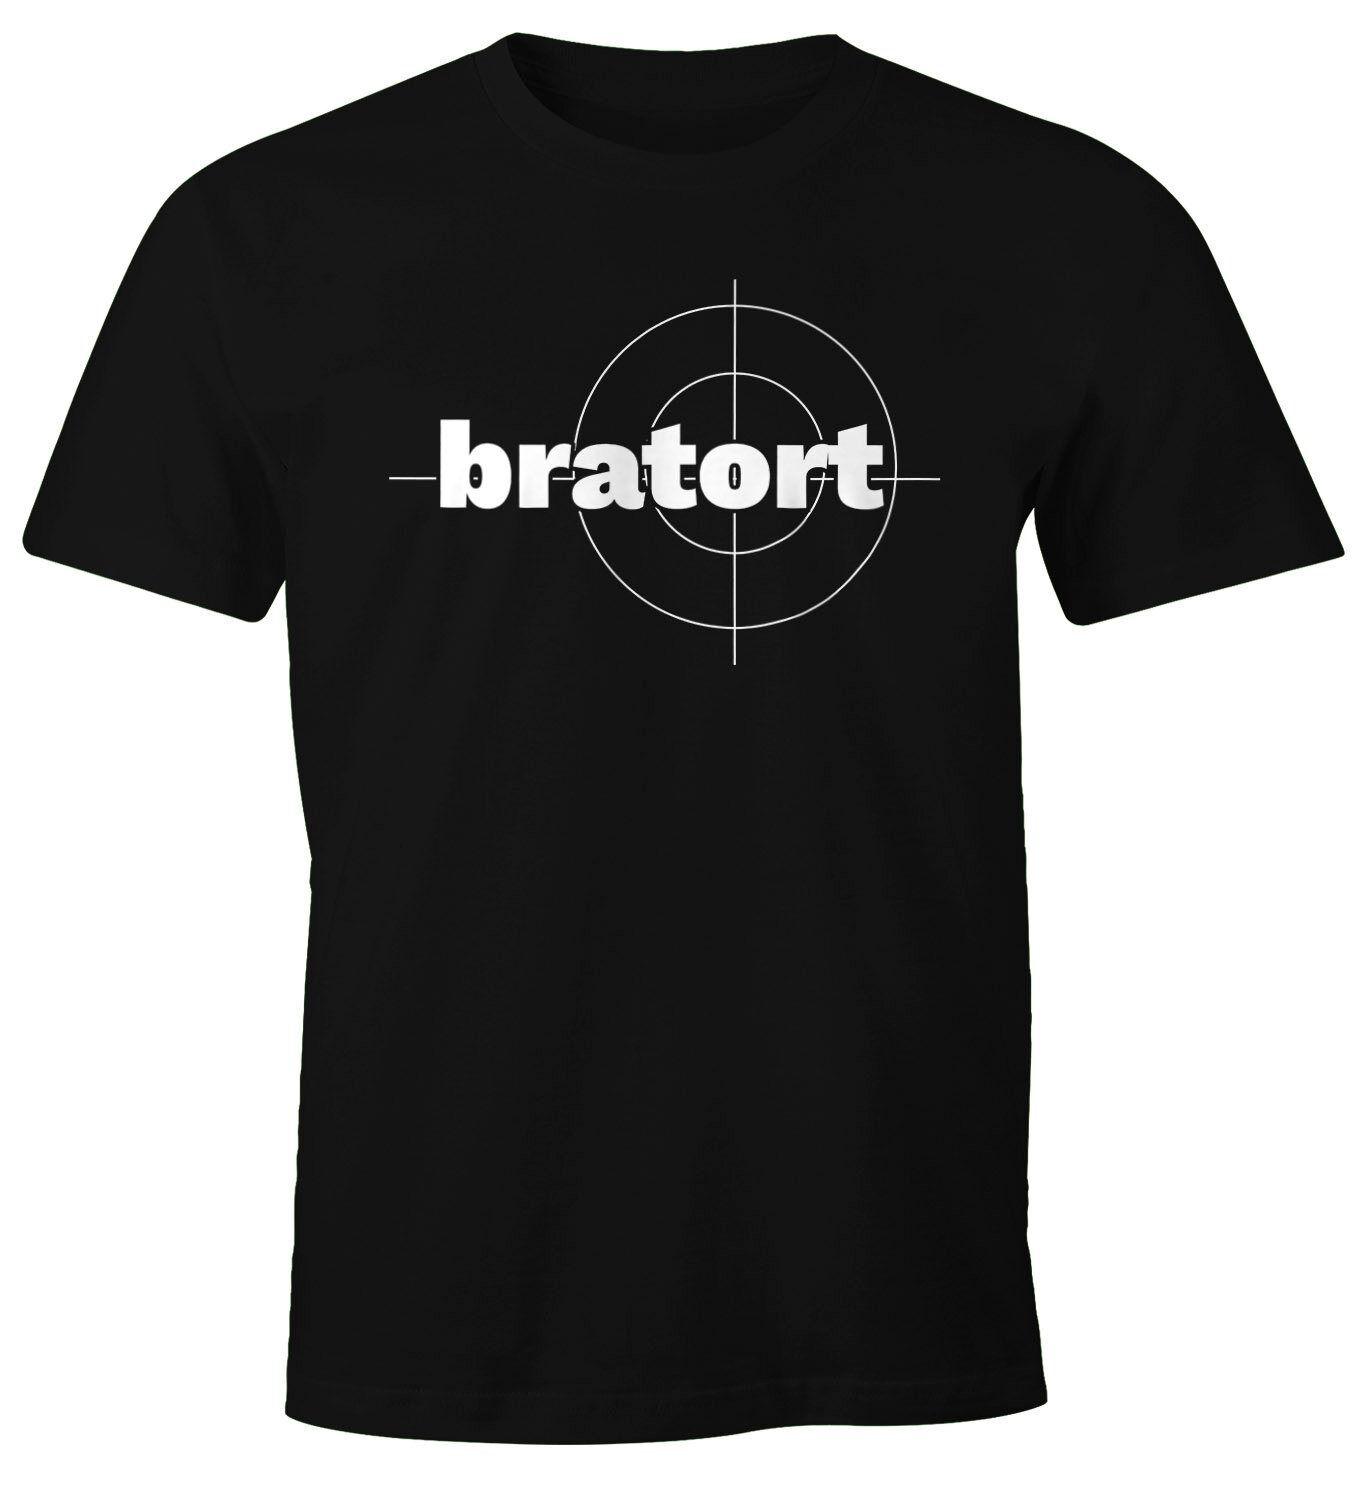 MoonWorks Print-Shirt »Herren T-Shirt bratort Fun-Shirt Motiv Shirt Parodie Grillen BBQ Barbecue Koch Sommer Foodie Küche ®« mit Print, schwarz